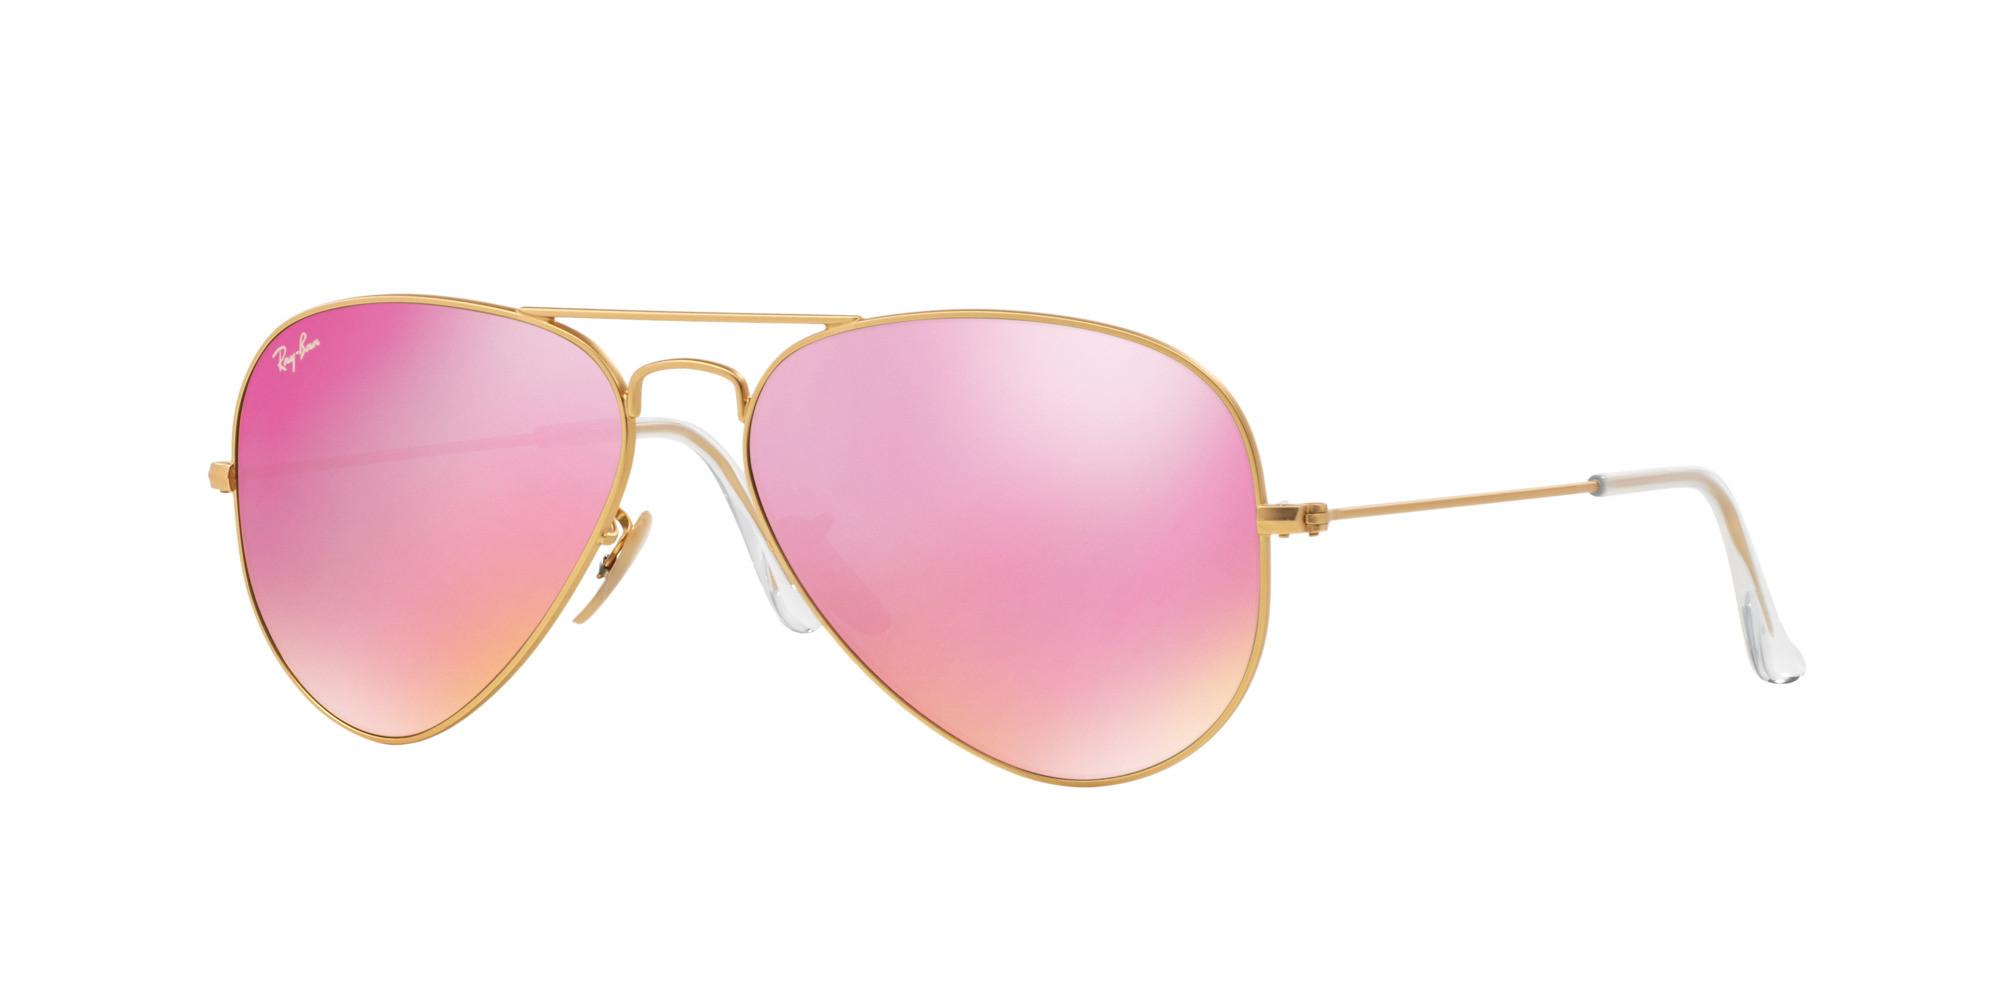 Gafas de sol polarizadas AVIATOR RB3025 001/15